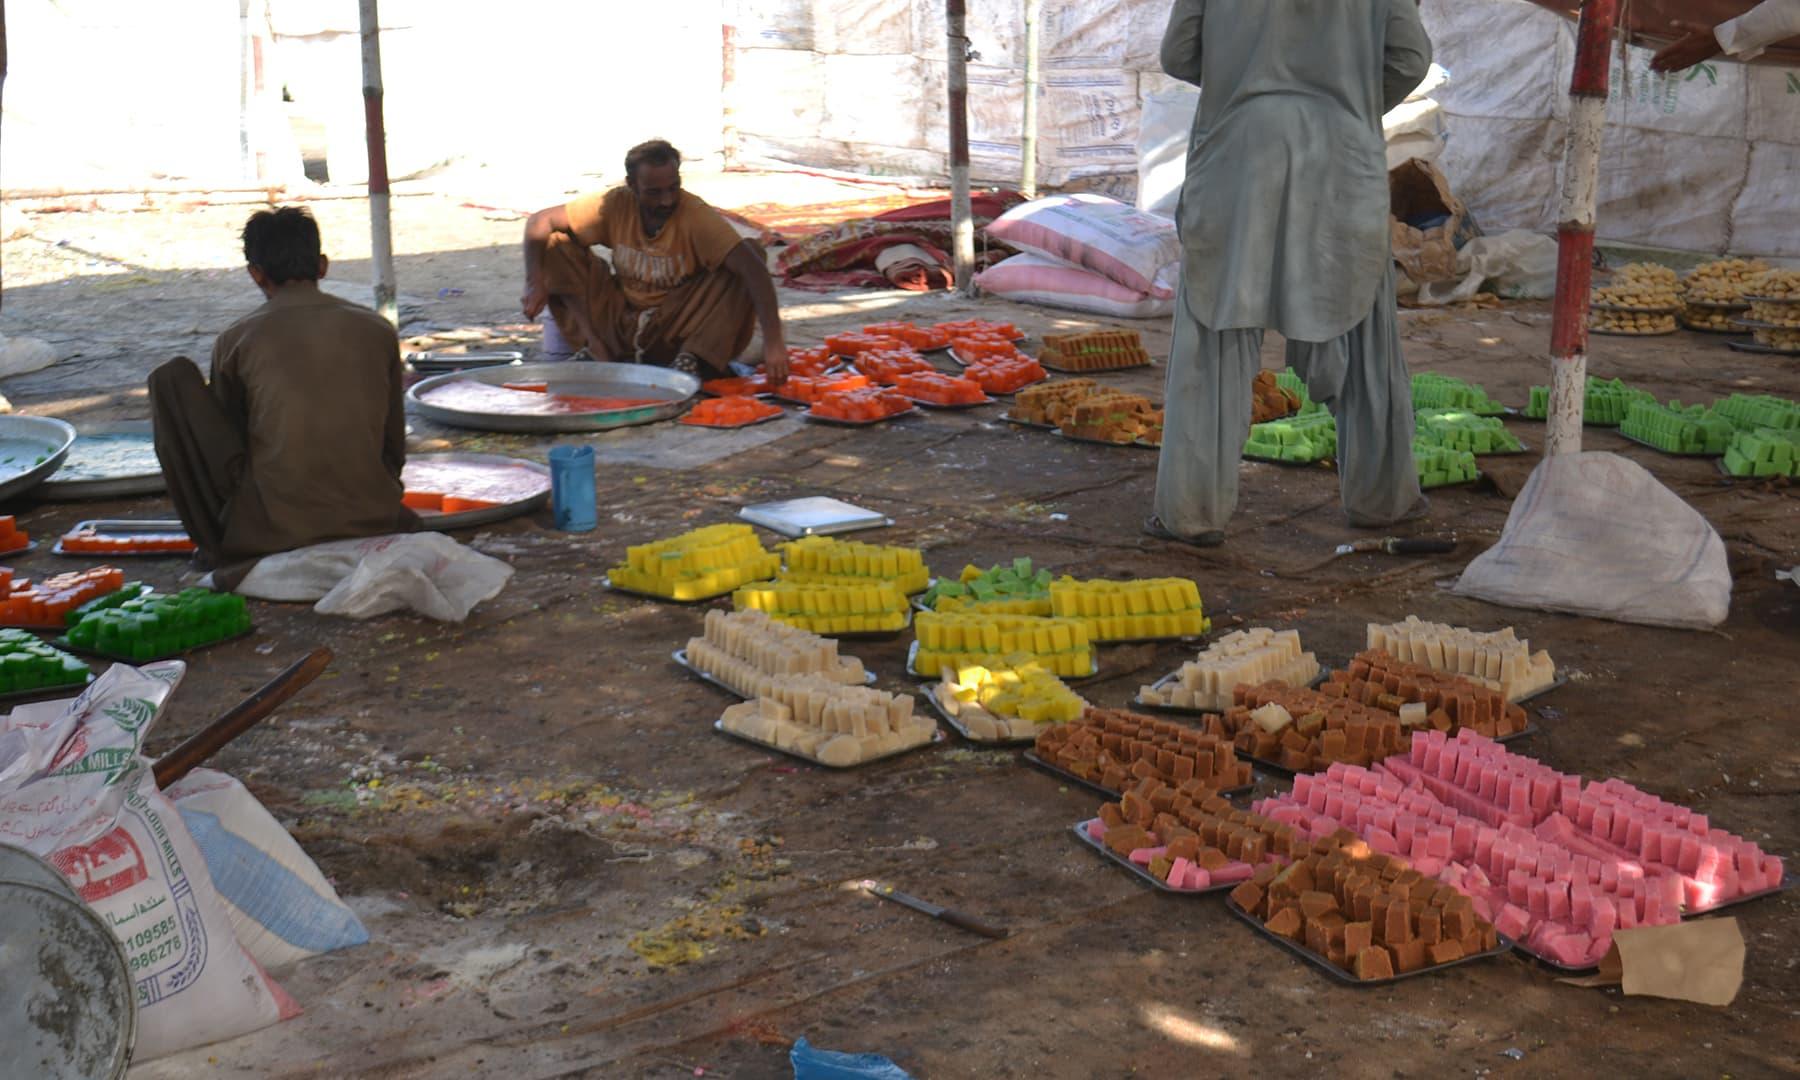 میلے میں مٹھائی تیار کی جا رہی ہے—تصویر ابوبکر شیخ